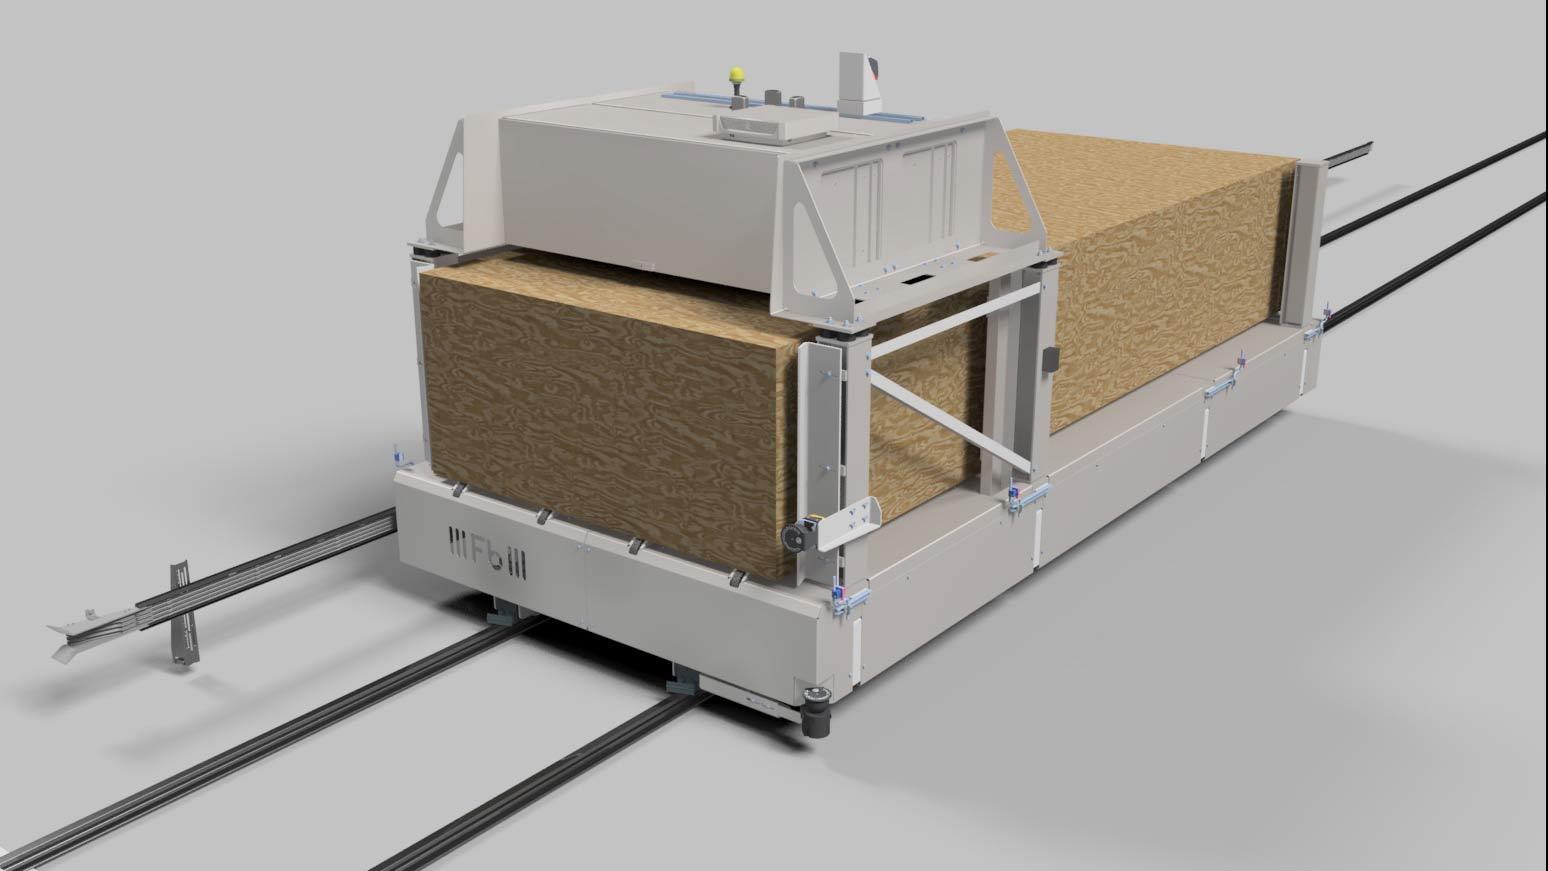 fb-schwerlast-systeme-verschiebewagen-qvw-fb-industry-automation